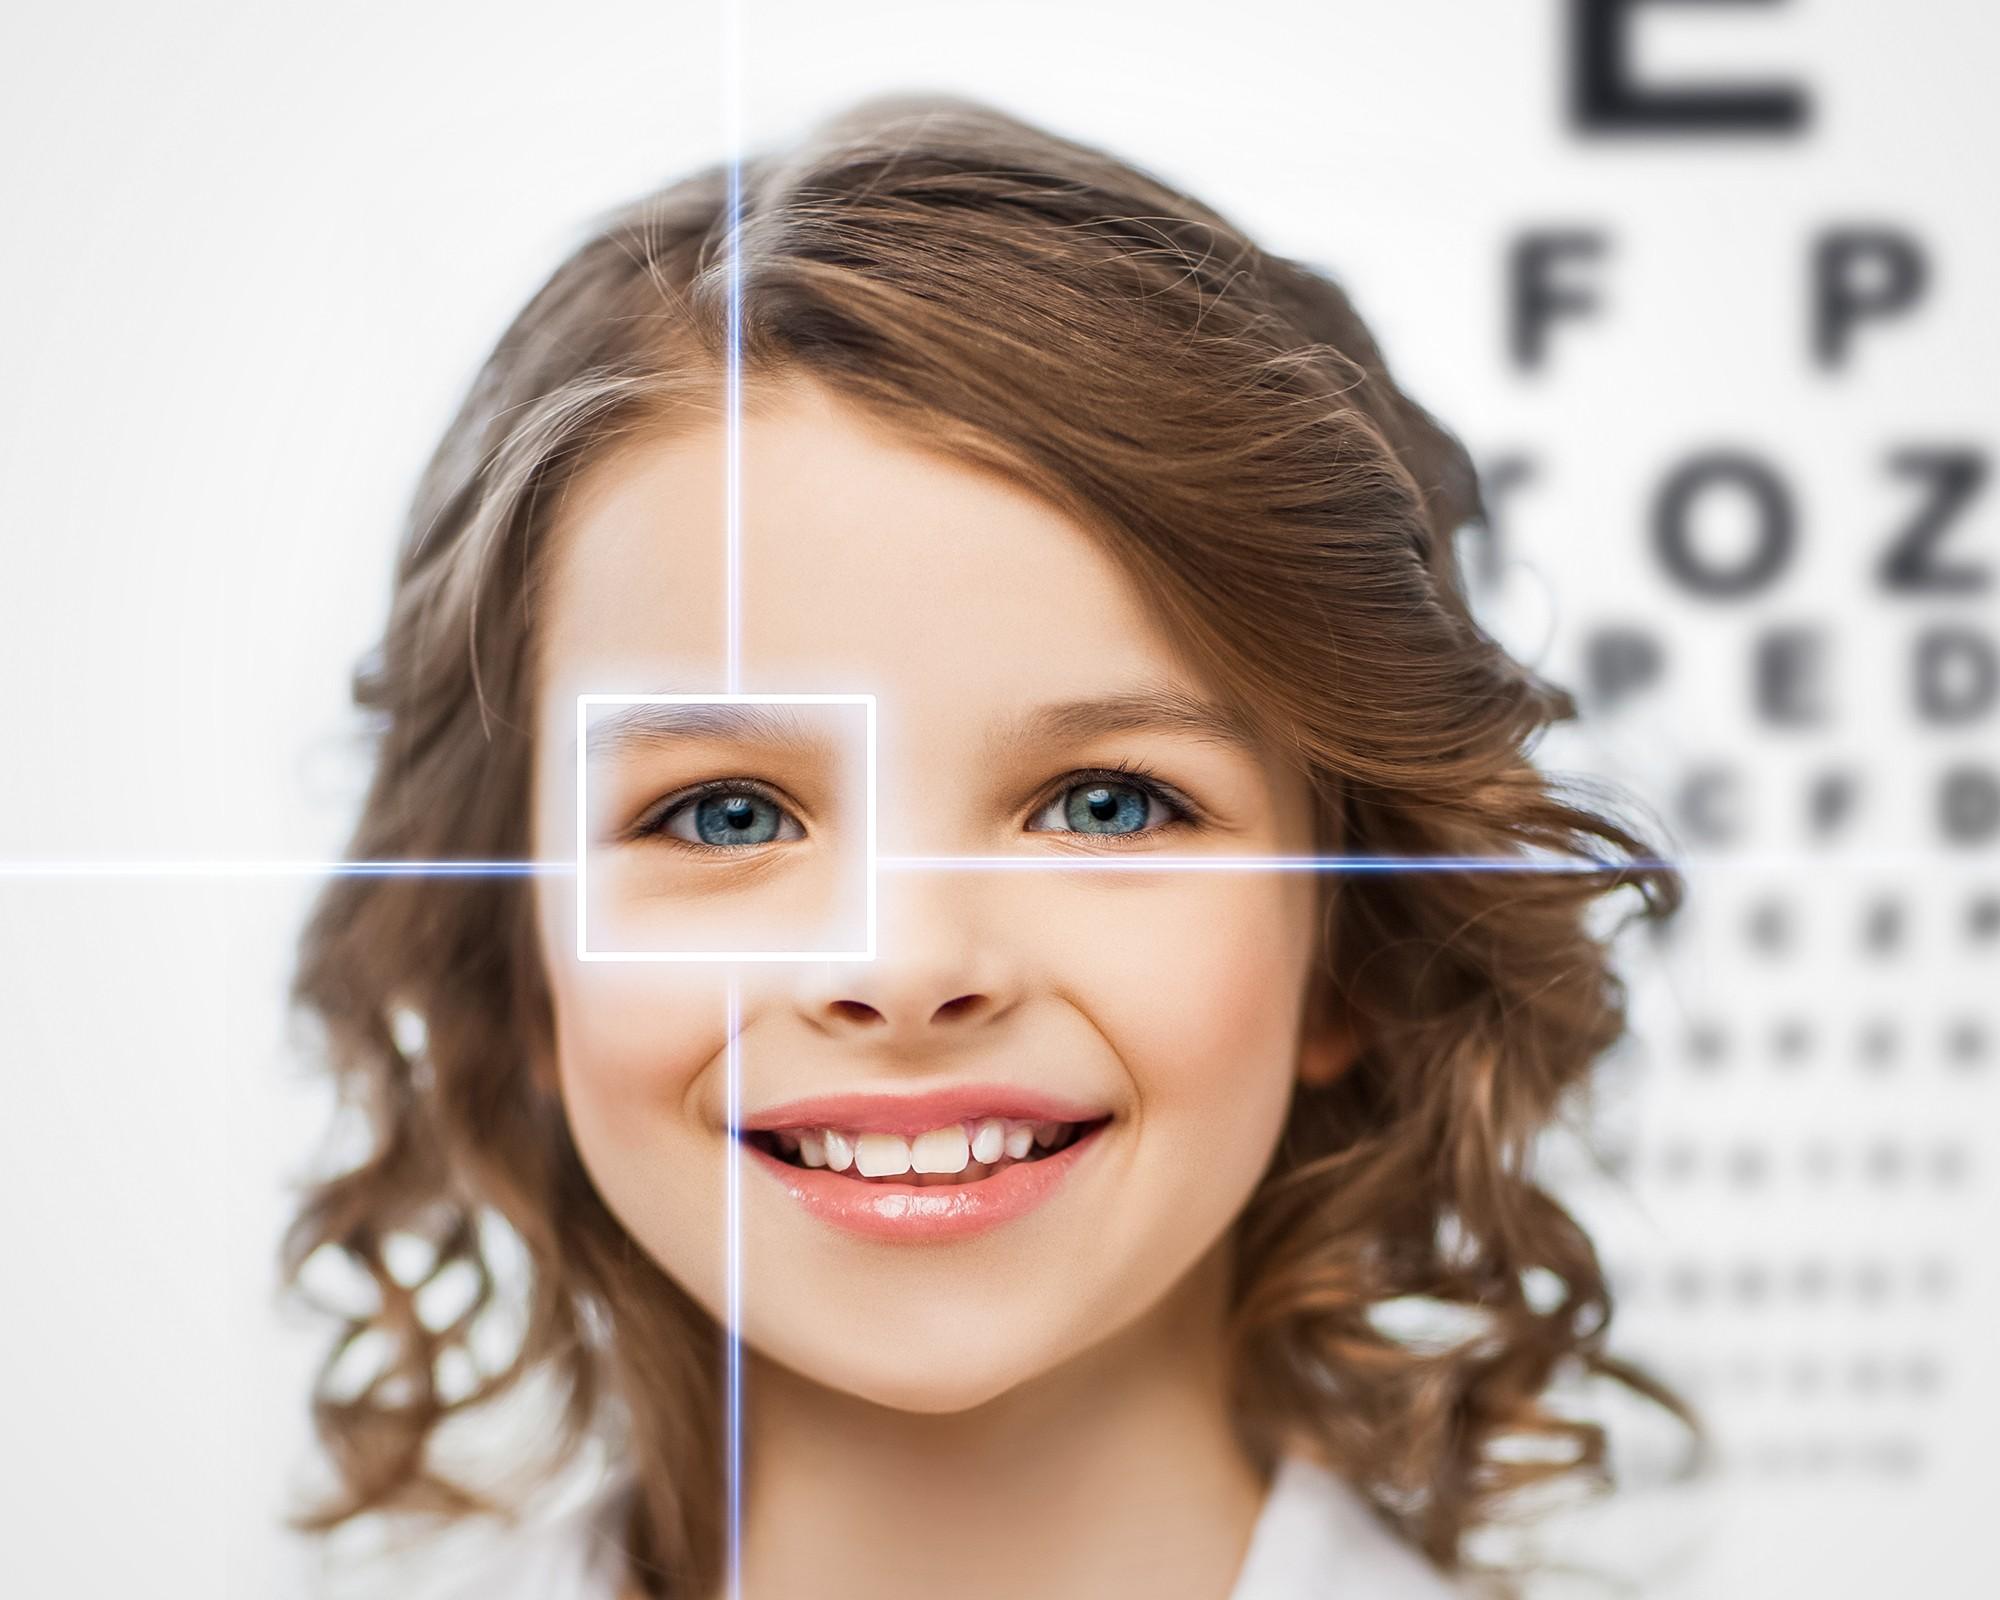 children's eye conditions